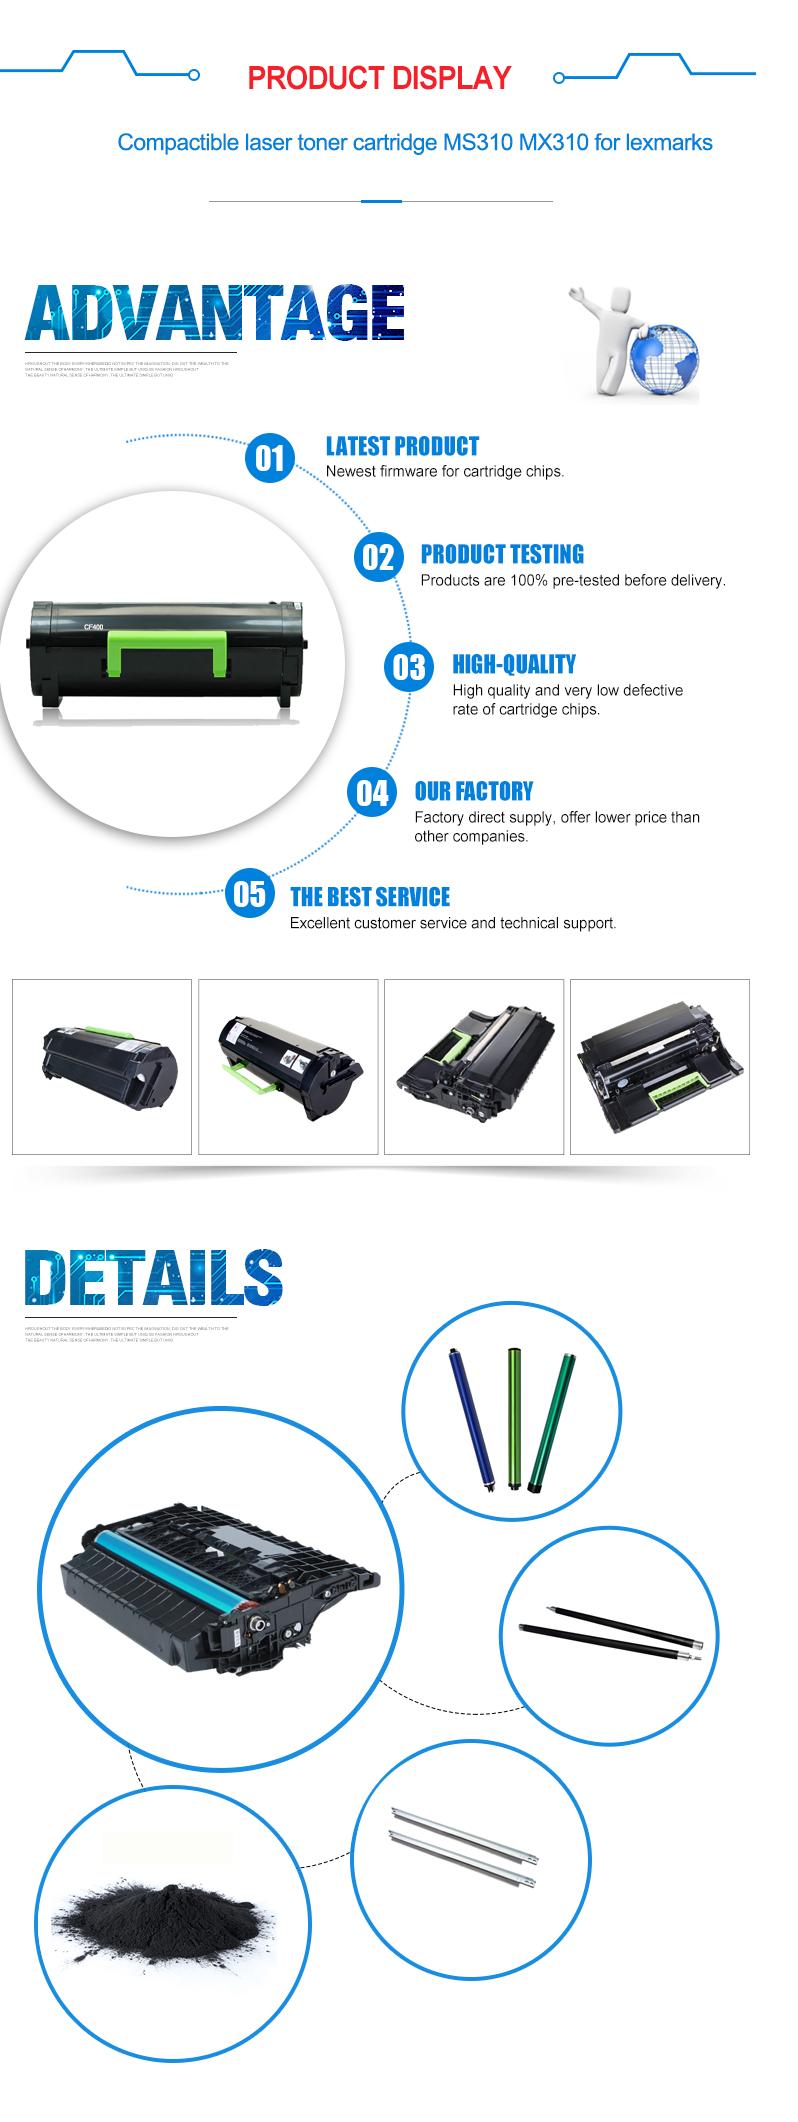 Cartuccia di Toner a colori CLT-404S per Samsung C430W/430/432 W/433 W/433/480FN/ 480FW/C480/C480W/482/482FW/482 W/483/483 W/483FW